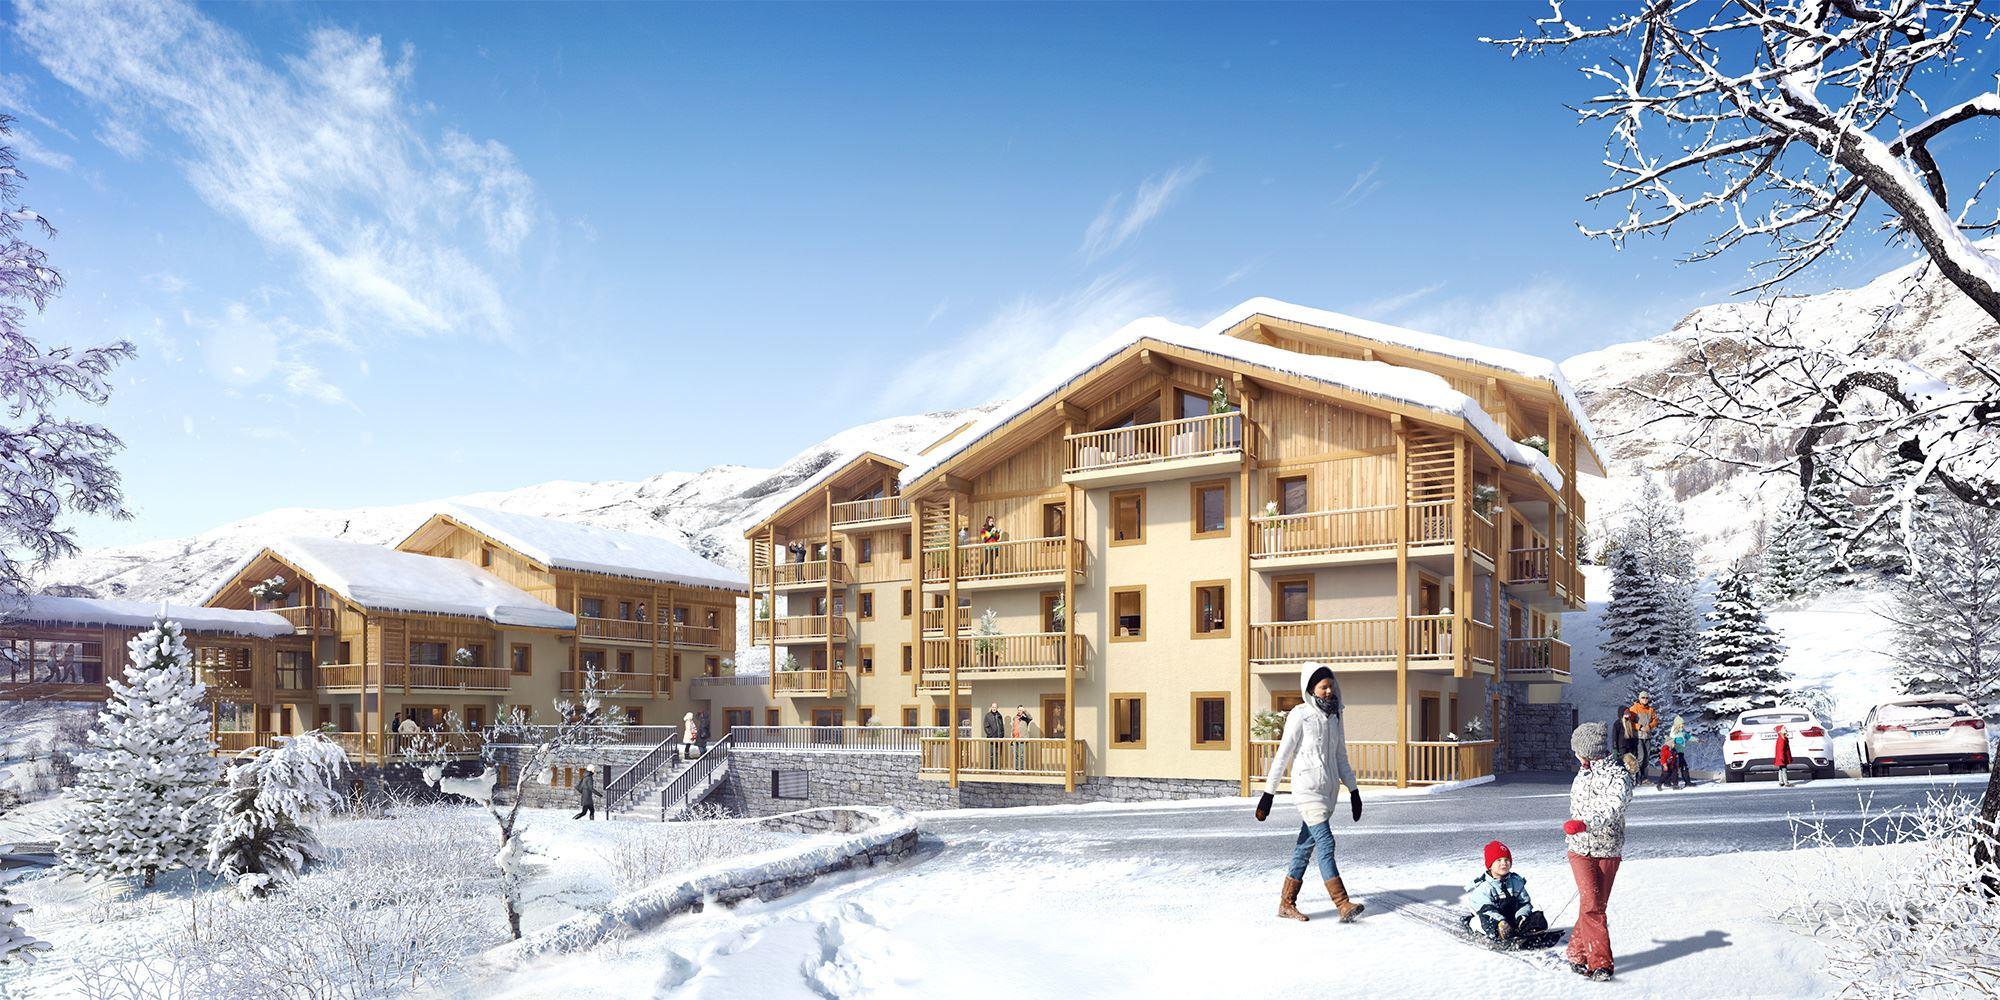 Résidence skis aux pieds / MMV Le Coeur des Loges